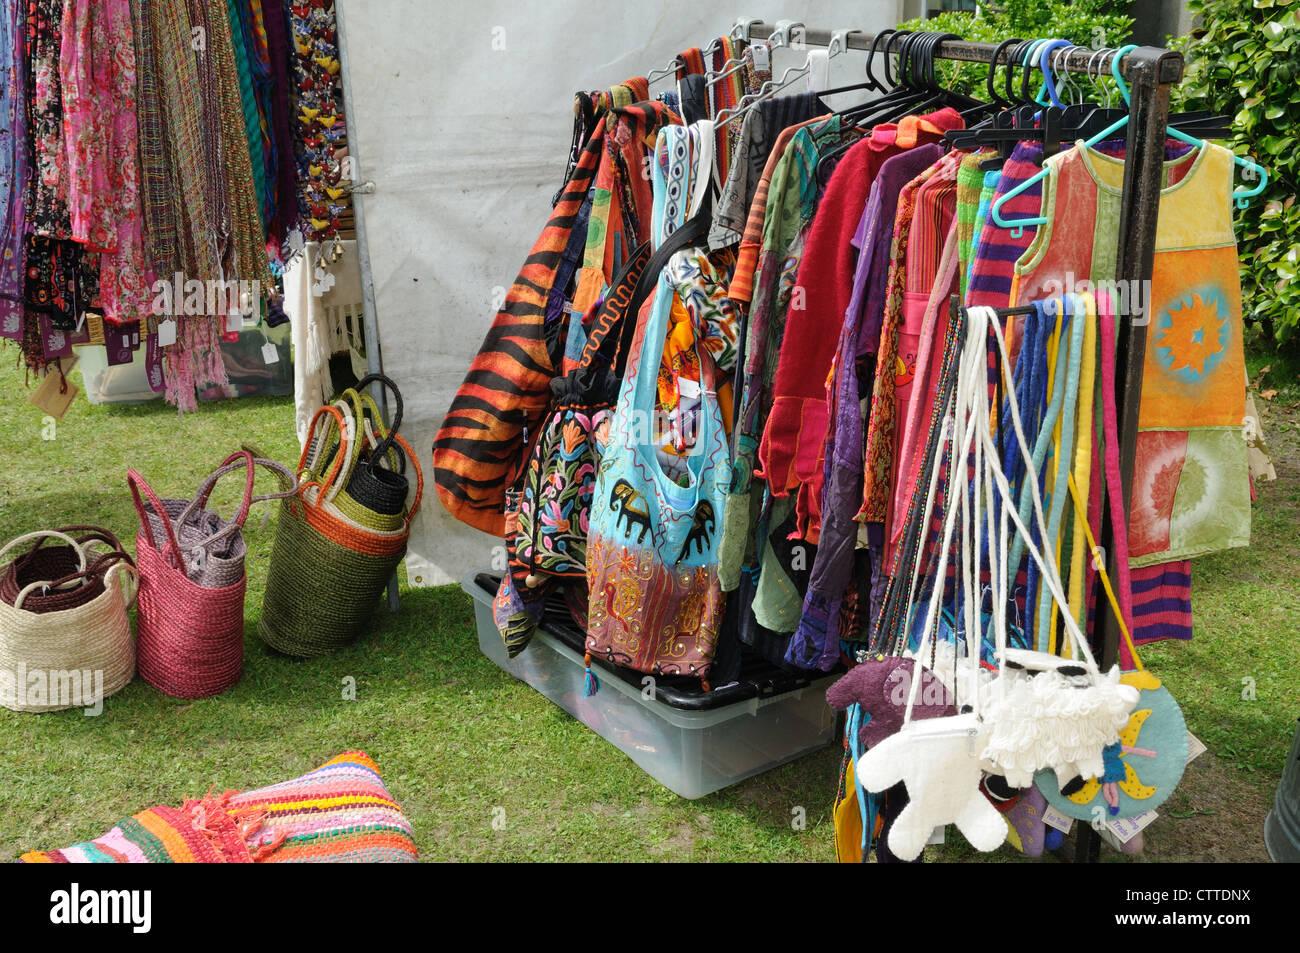 Colorato il commercio equo e solidale abbigliamento borse e sciarpe per la vendita in un paese giusto Ceredigion Immagini Stock